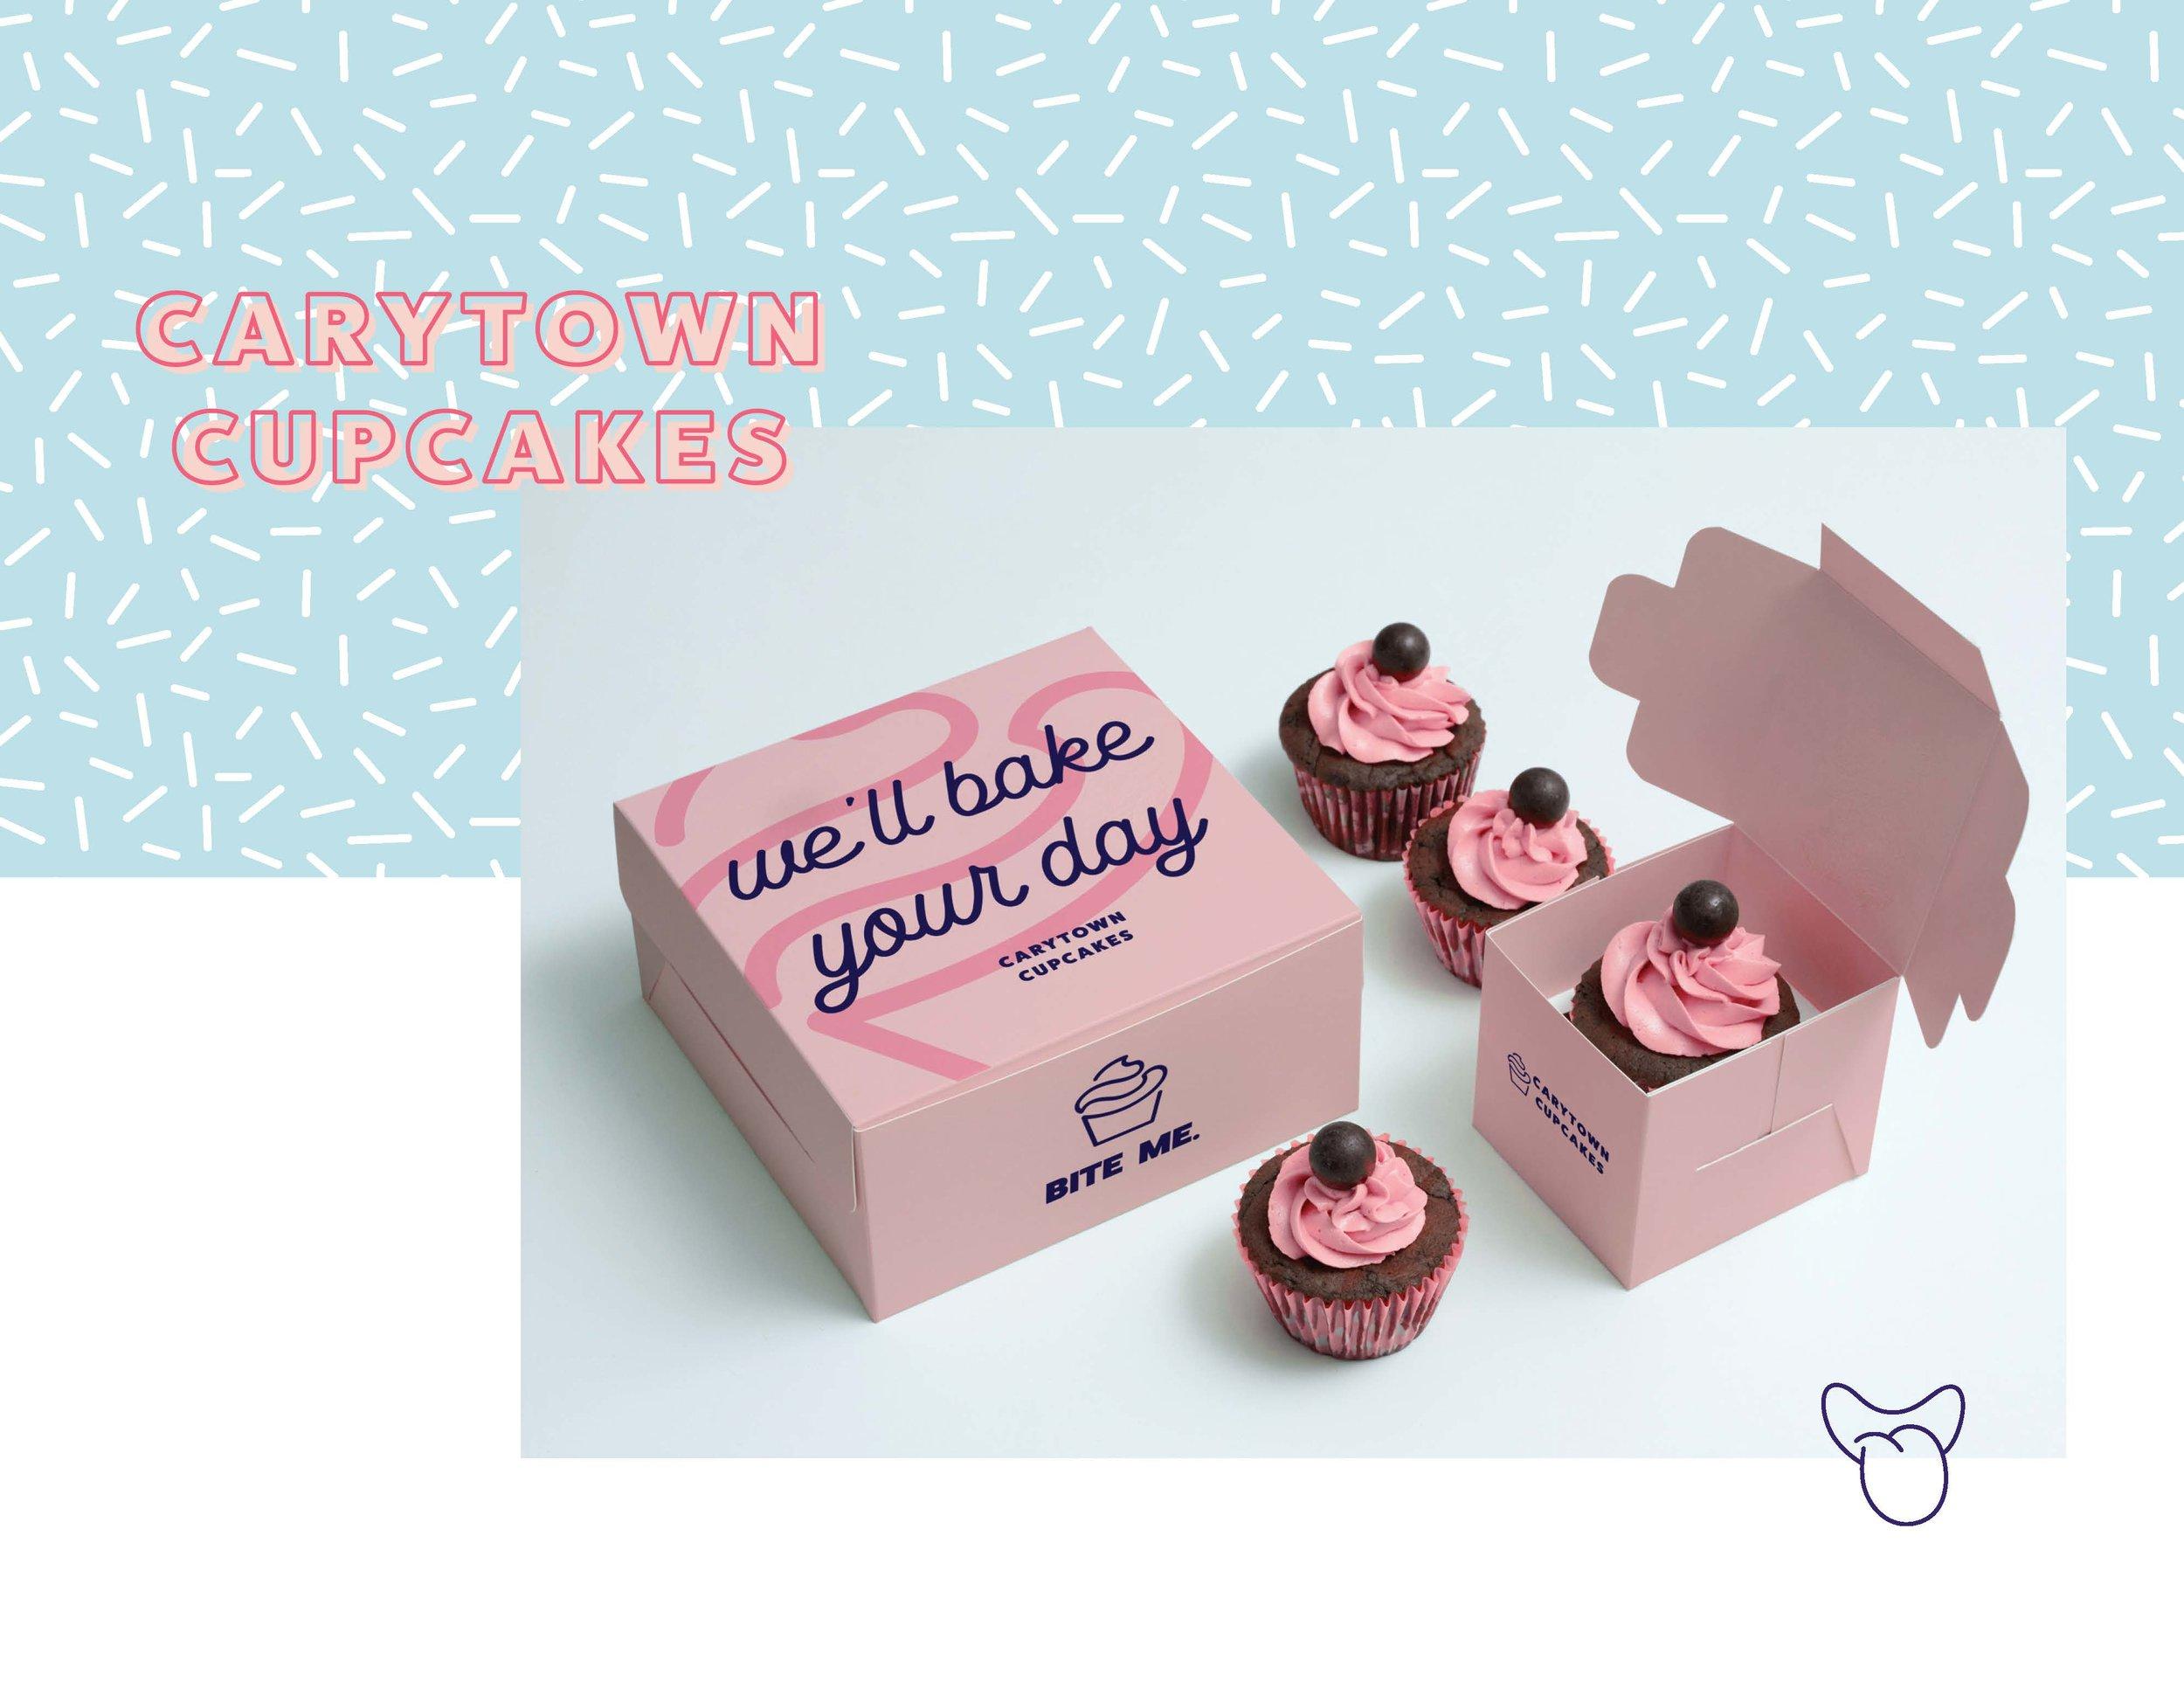 Carytown-Cupcakes-award-winning-branding.jpg